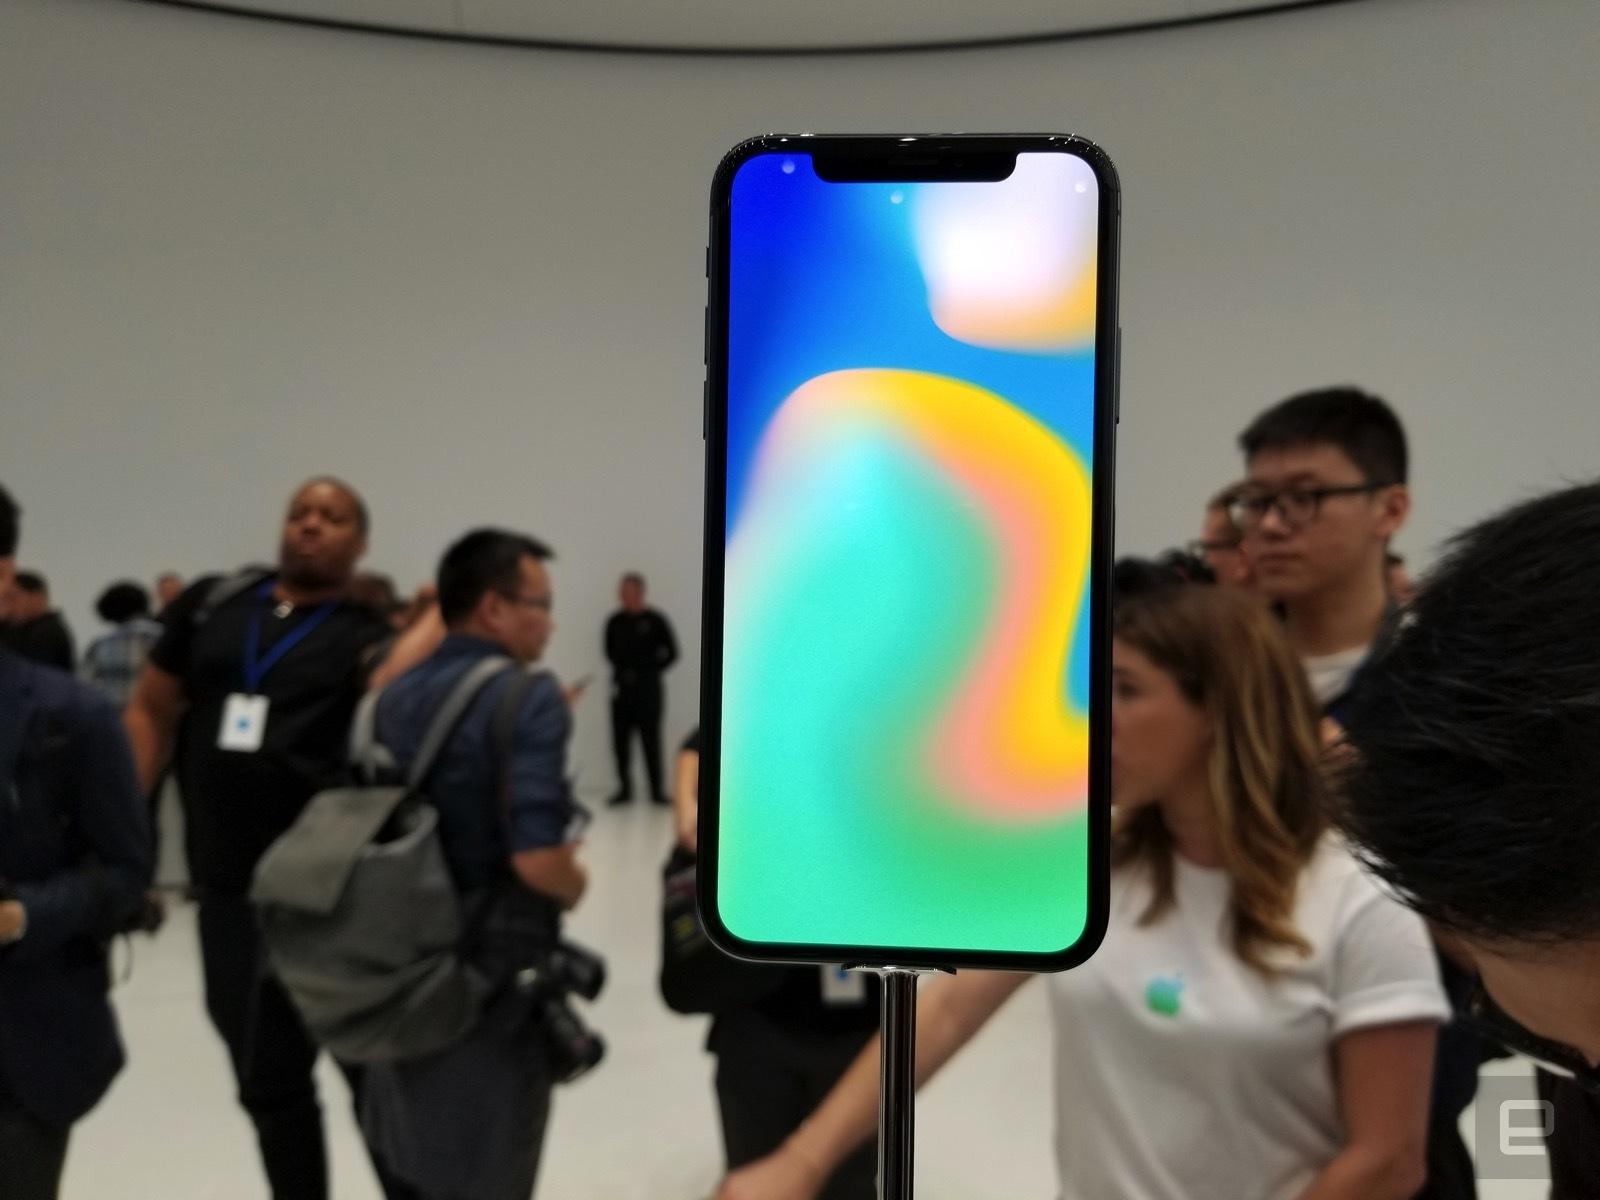 Ảnh thực tế iPhone X: Tưởng không đẹp, nhưng ai ngờ đẹp không tưởng! - Ảnh 3.